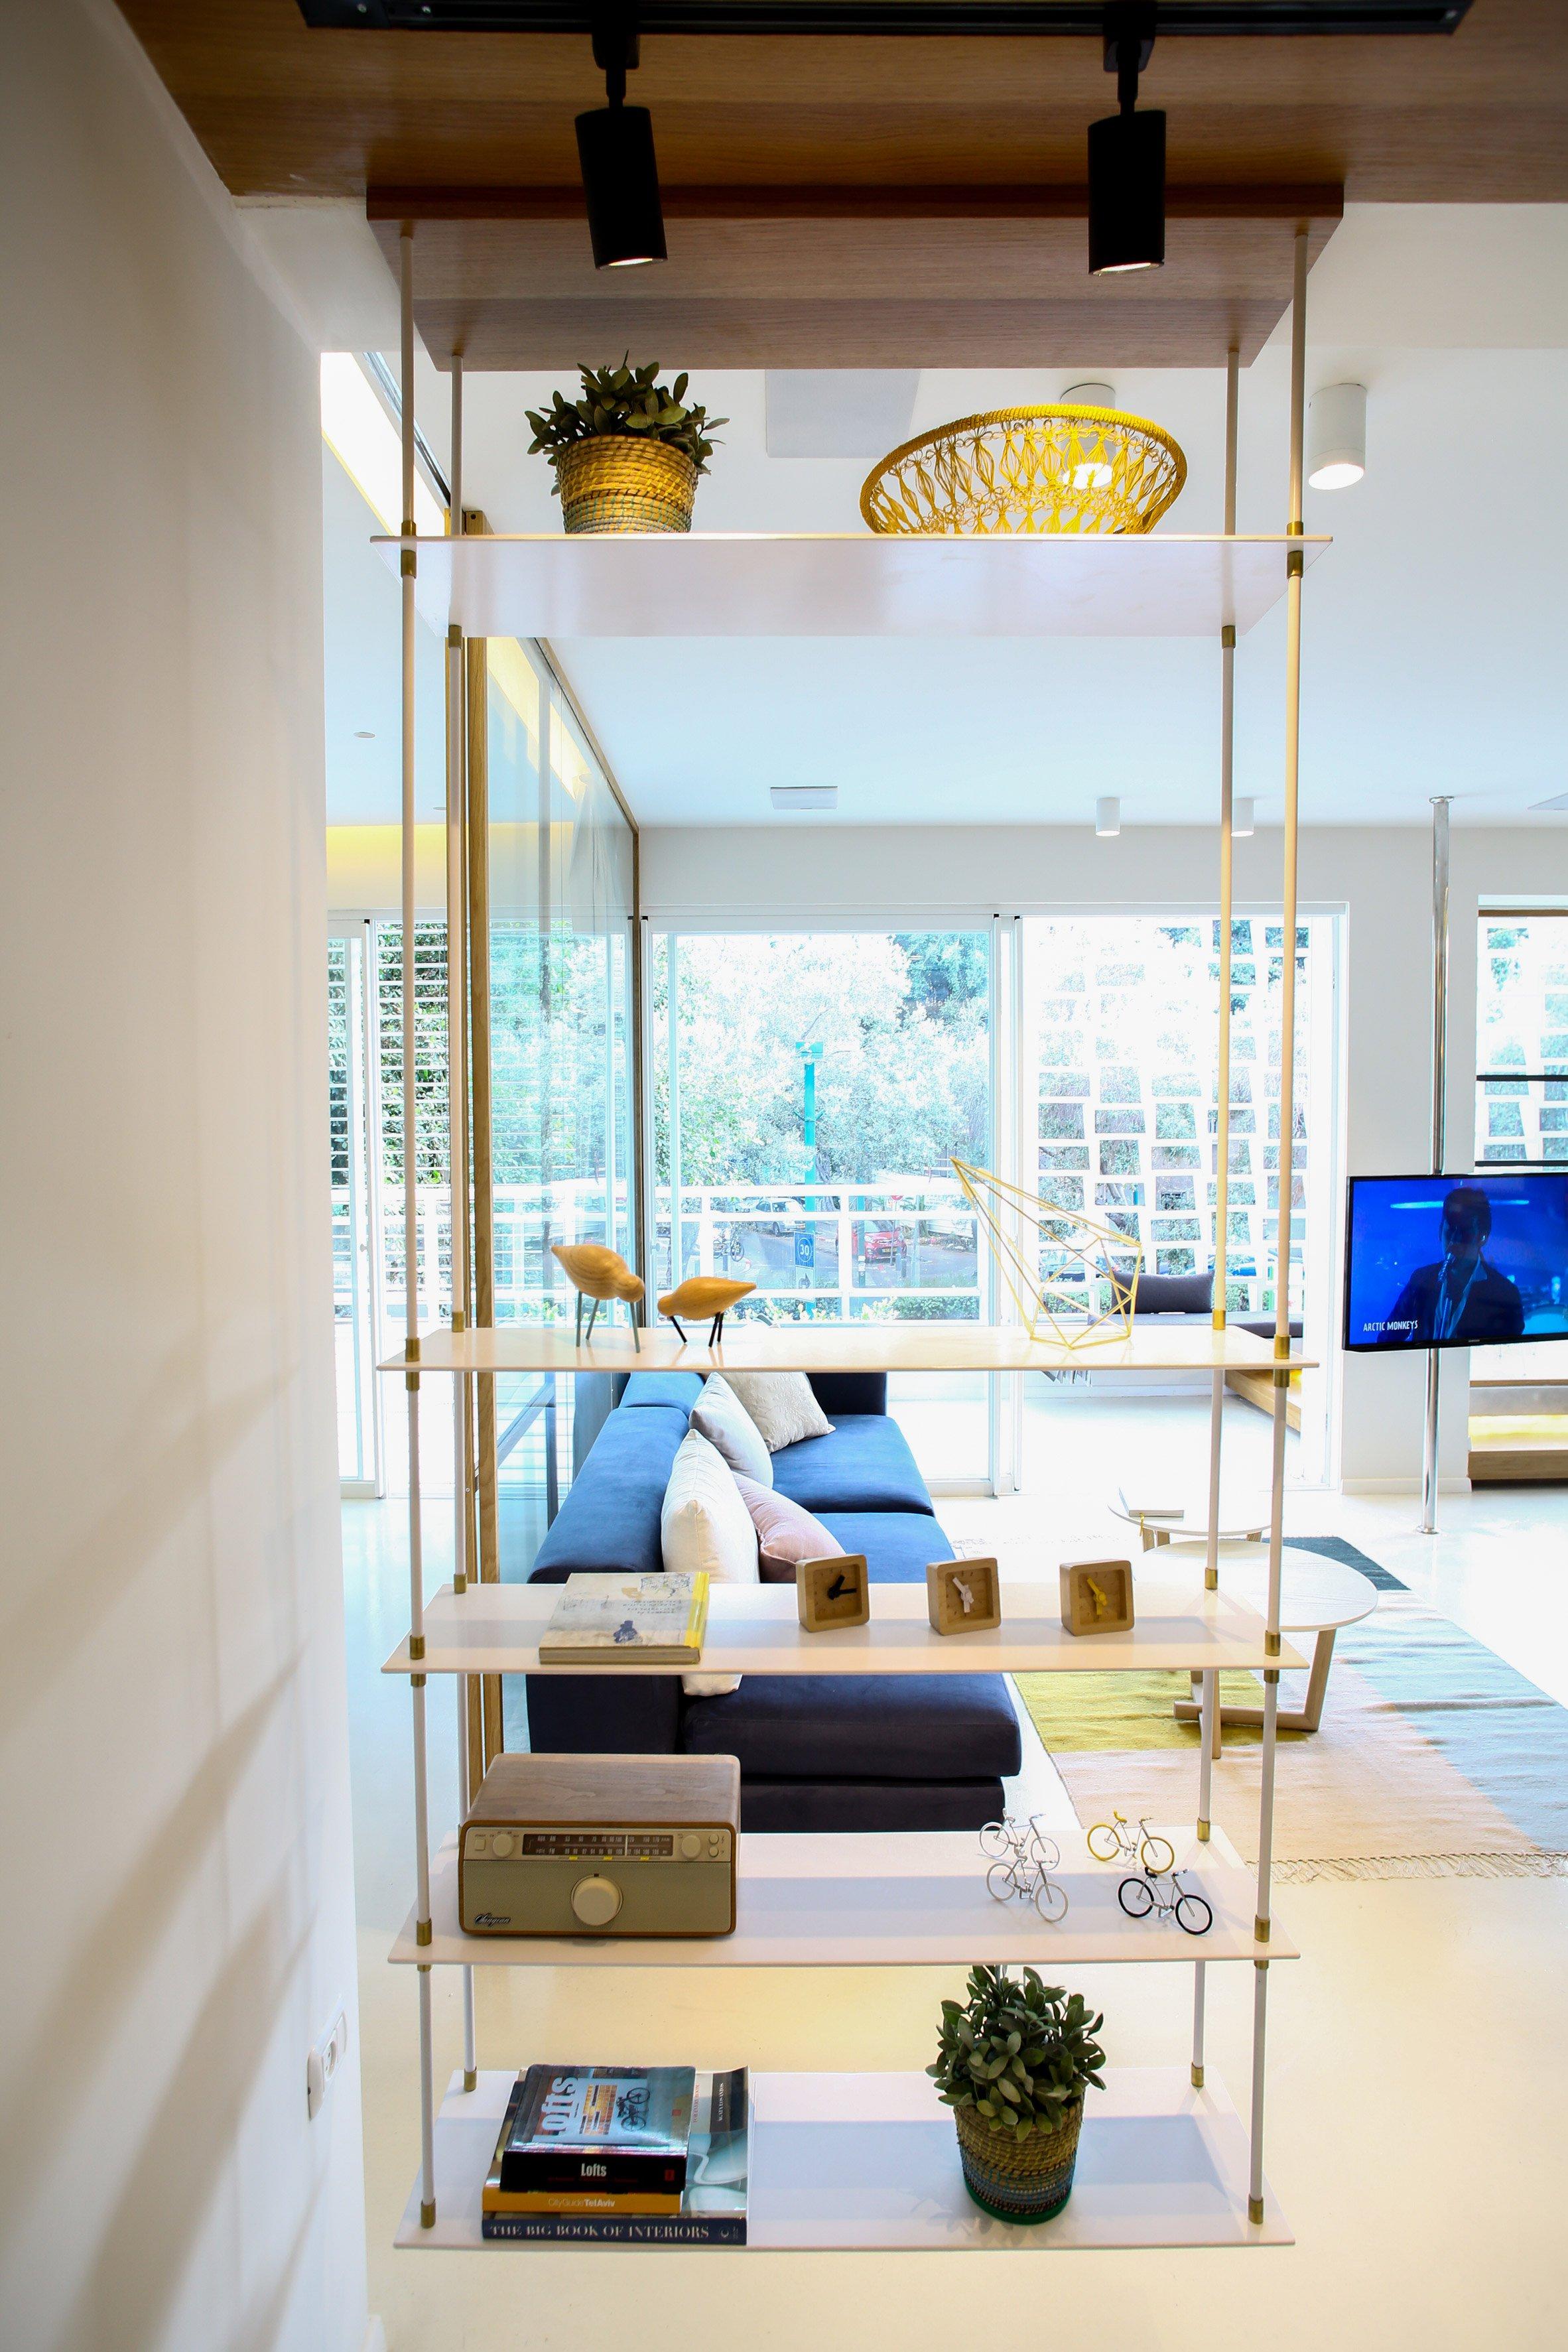 architecture-apartment-tel-aviv-design-studia-interiors-osnovadesign-osnova-poltava_09